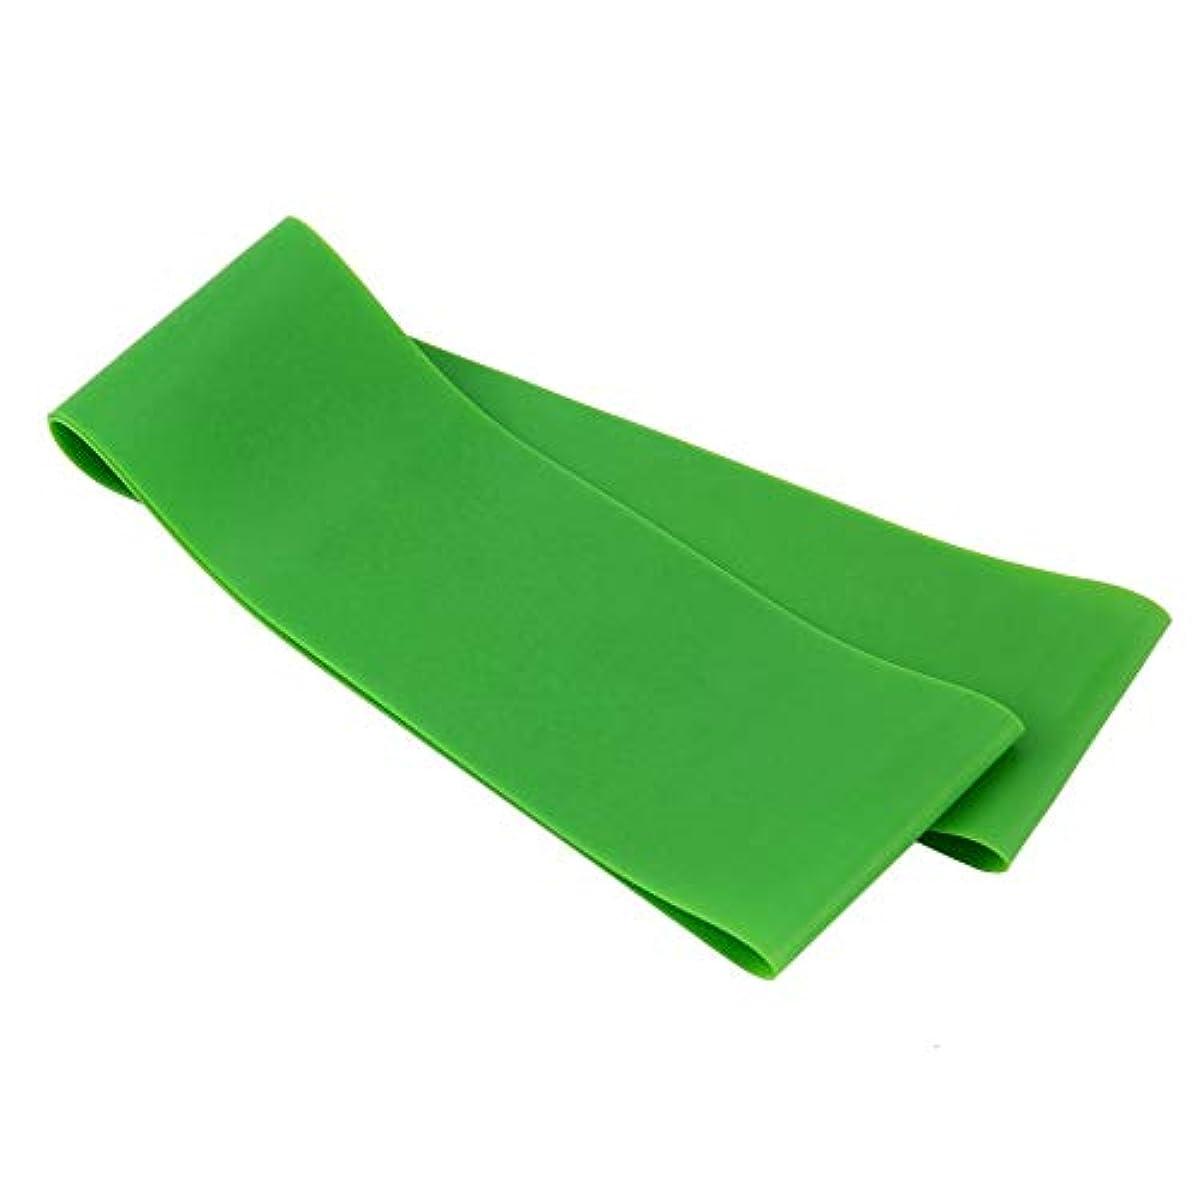 複雑でないグリル自分滑り止め伸縮性ゴム弾性ヨガベルトバンドプルロープ張力抵抗バンドループ強度のためのフィットネスヨガツール - グリーン